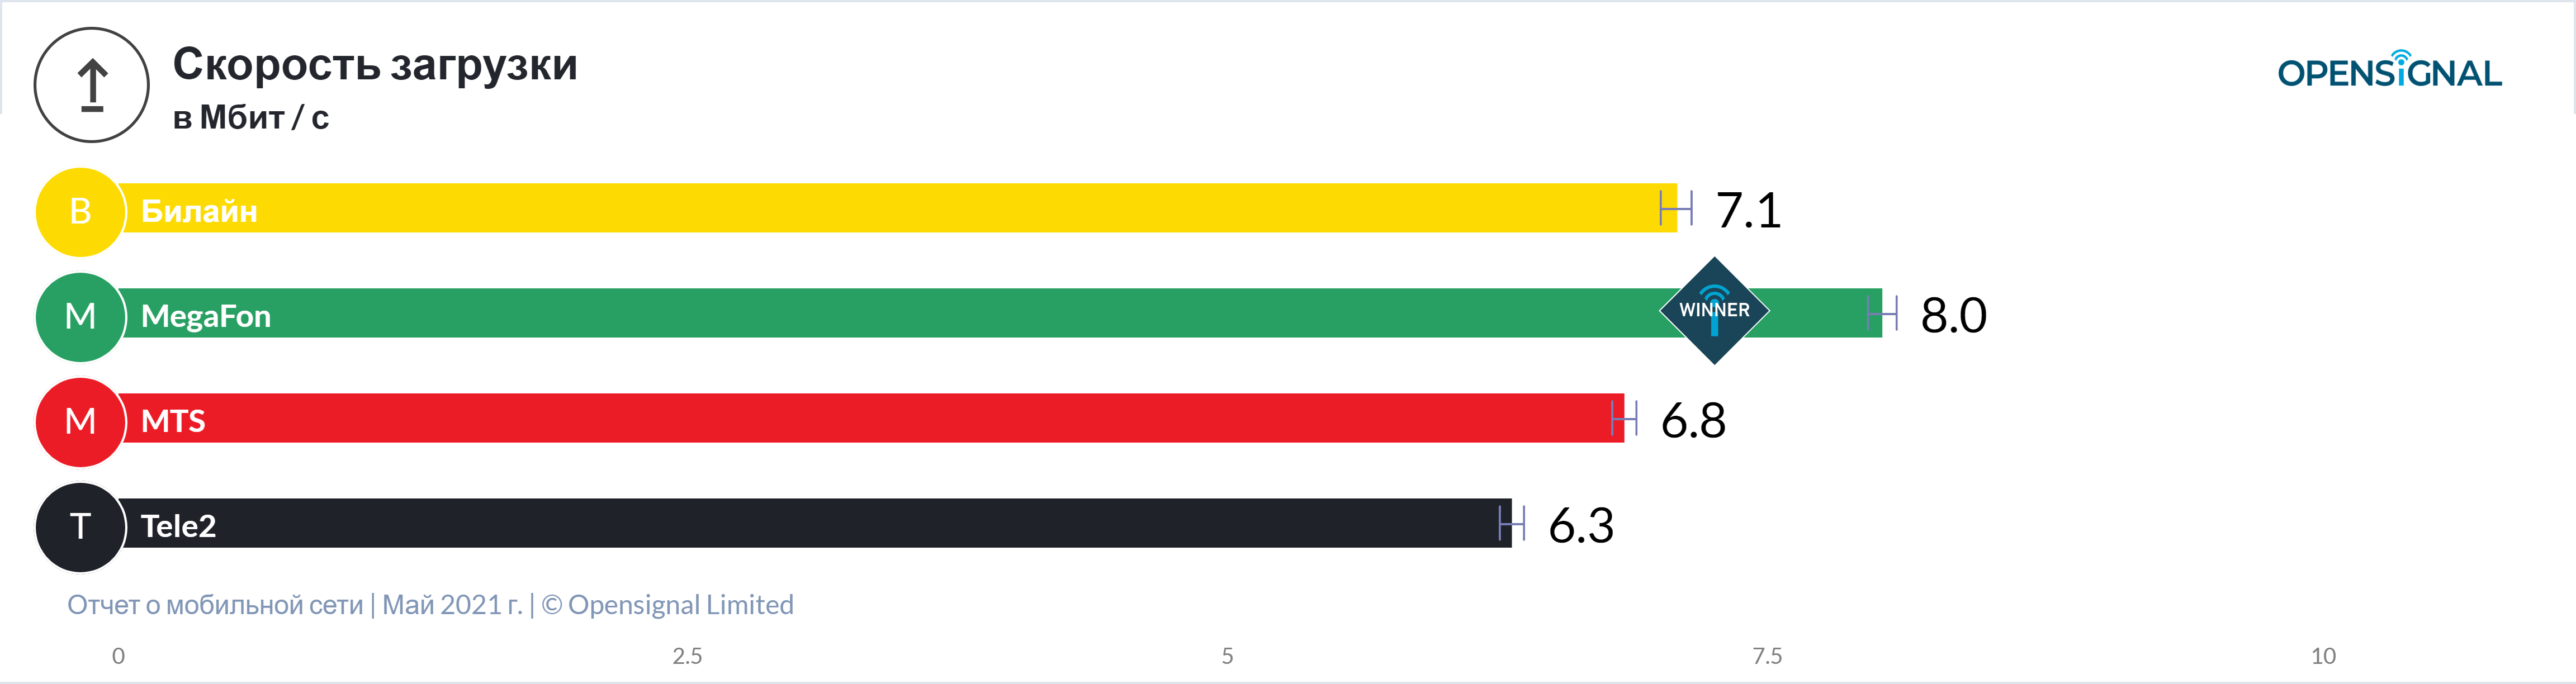 Tele2 признали лучшей по доступности 4G, разбираем признание... (+ данные от других операторов) 4